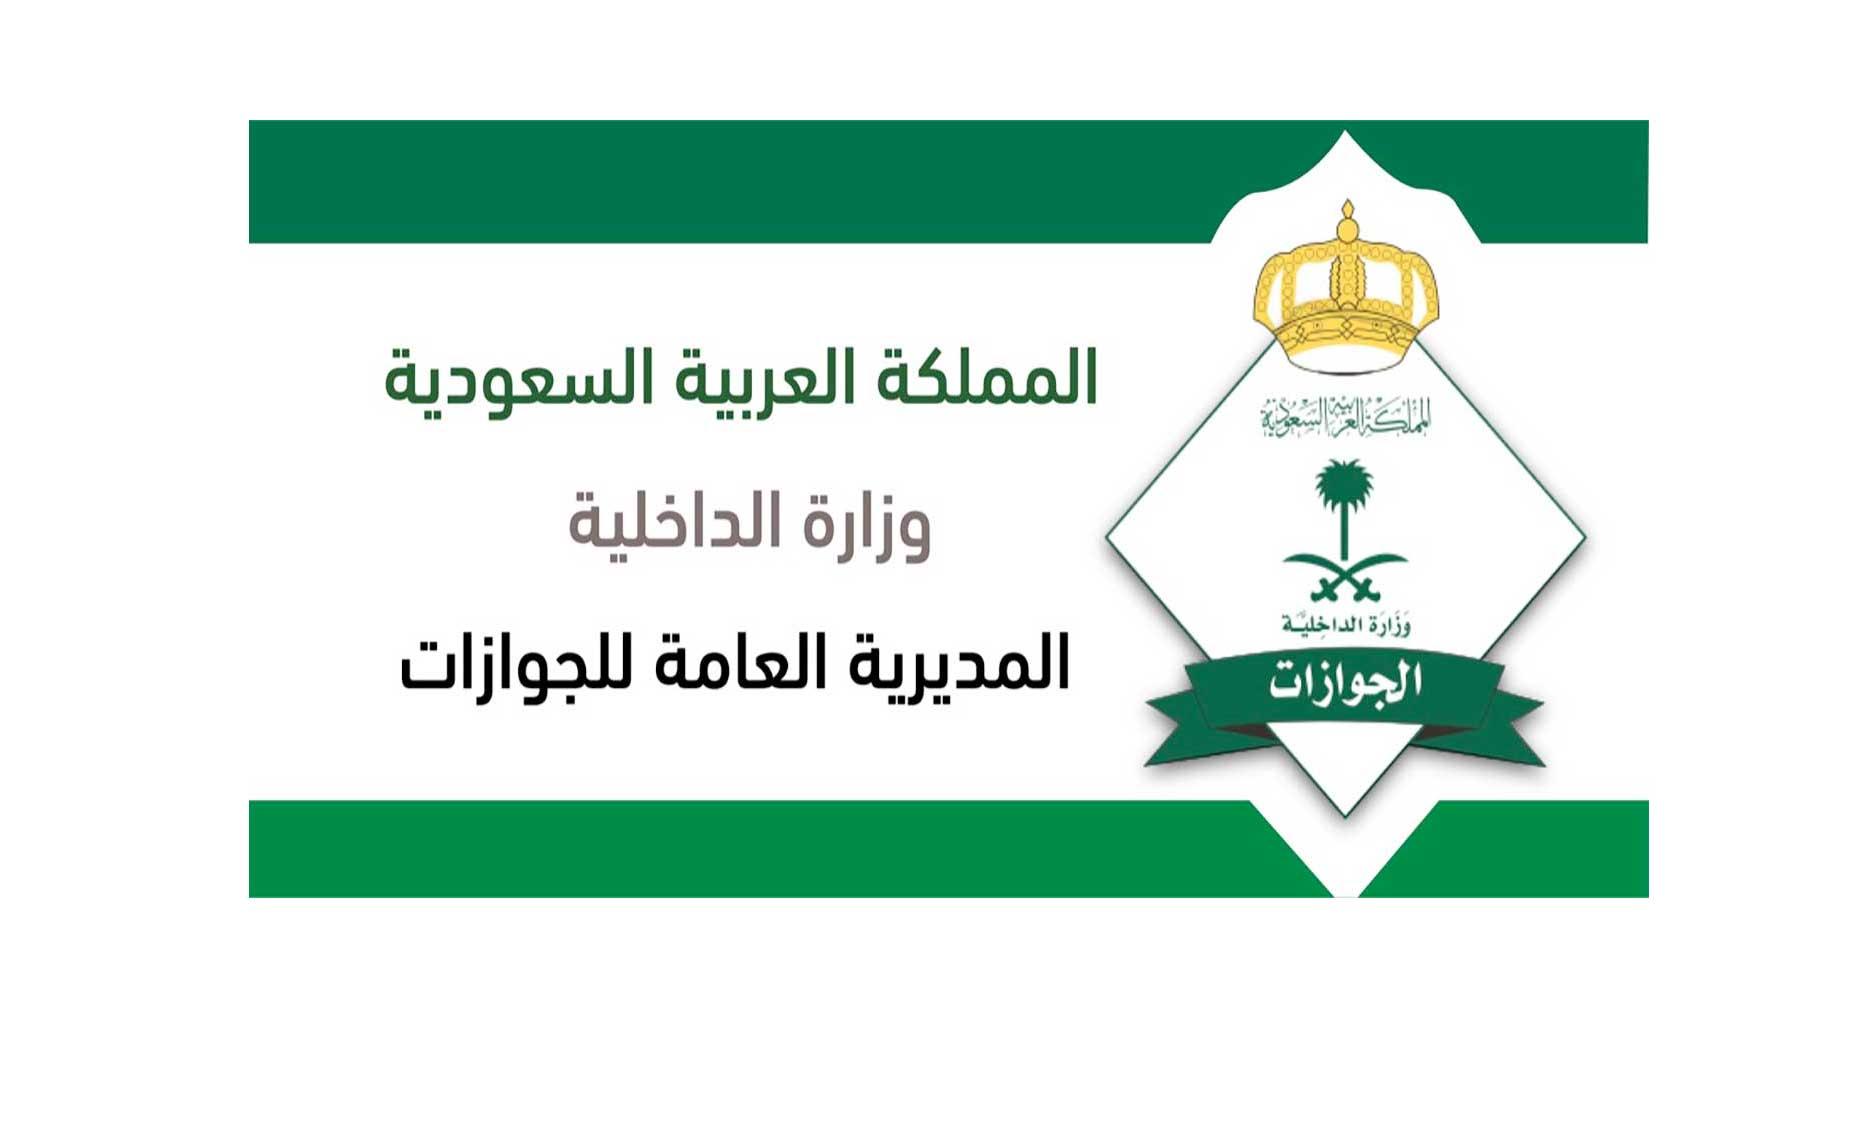 تعليق سفر المقيمين في السعودية إلى إيران عالم واحد العرب البيان